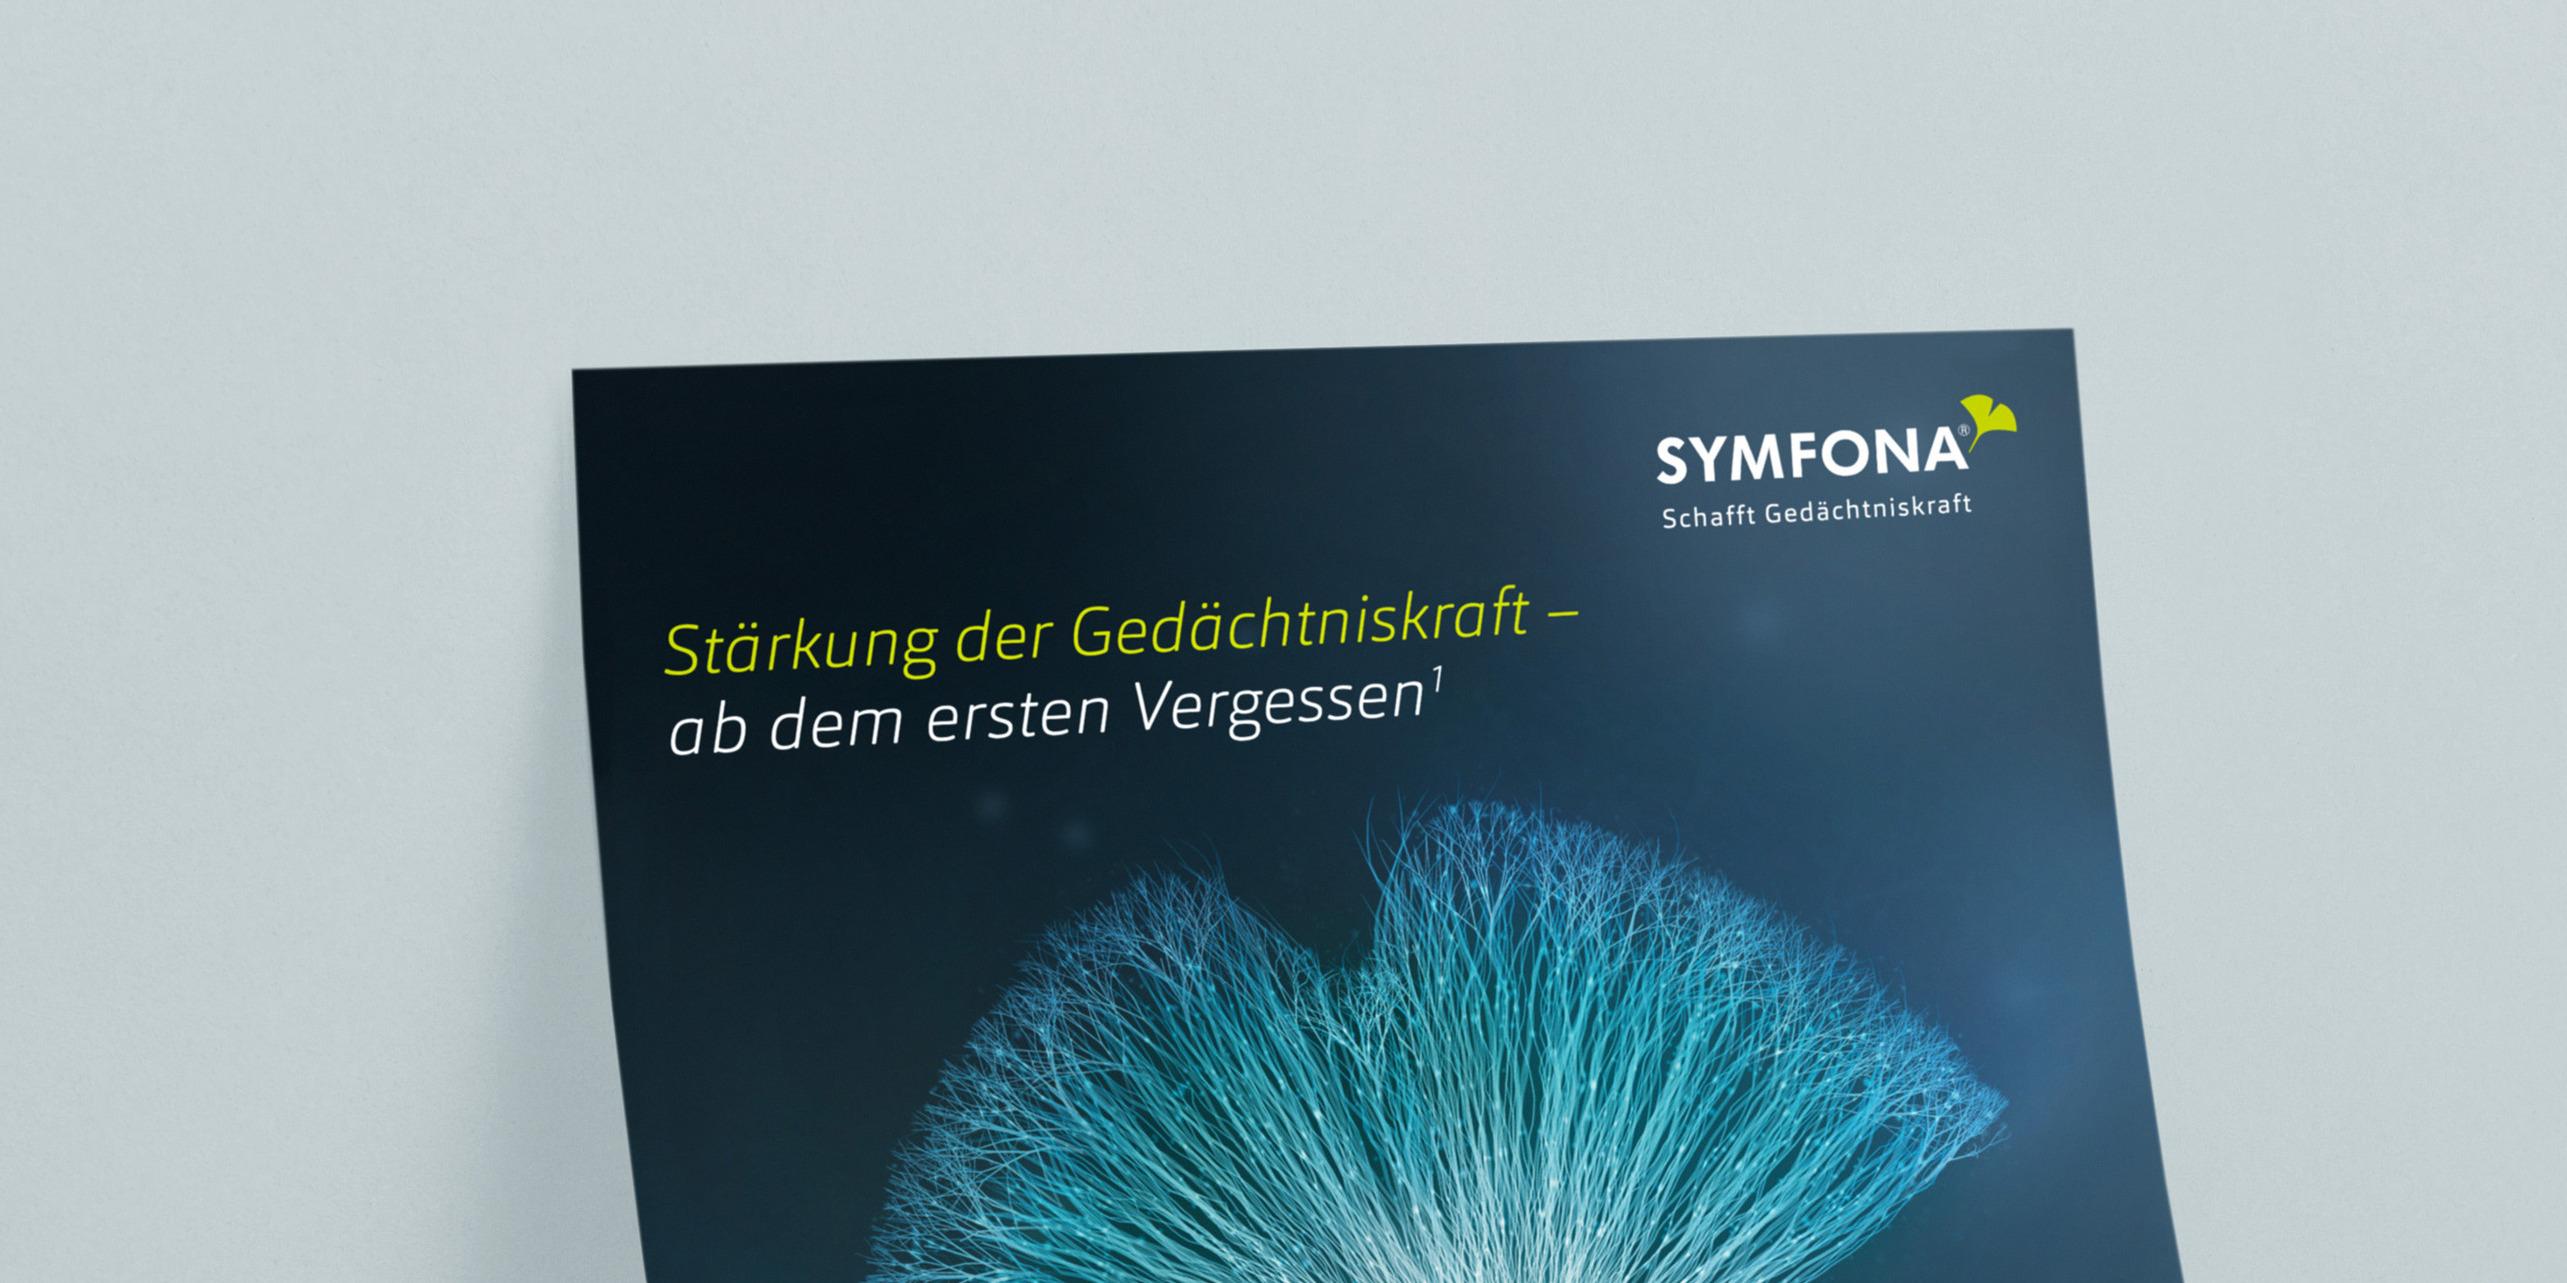 Der Symfona Kampagnenclaim erhöht den Wiedererkennungswert.